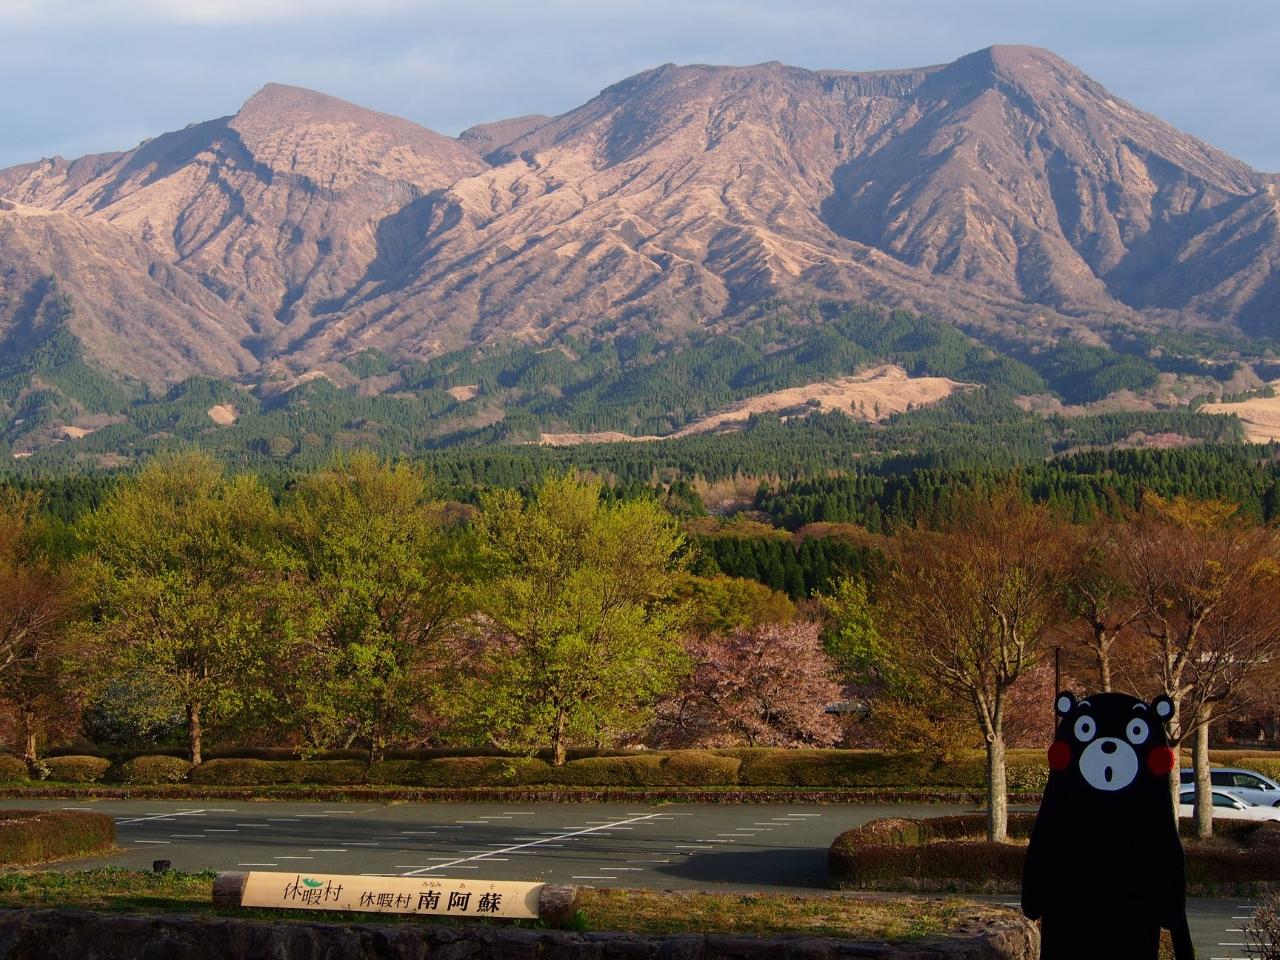 วิวภูเขาจากด้านหน้าโรงแรม Kyukamura Minami-Aso